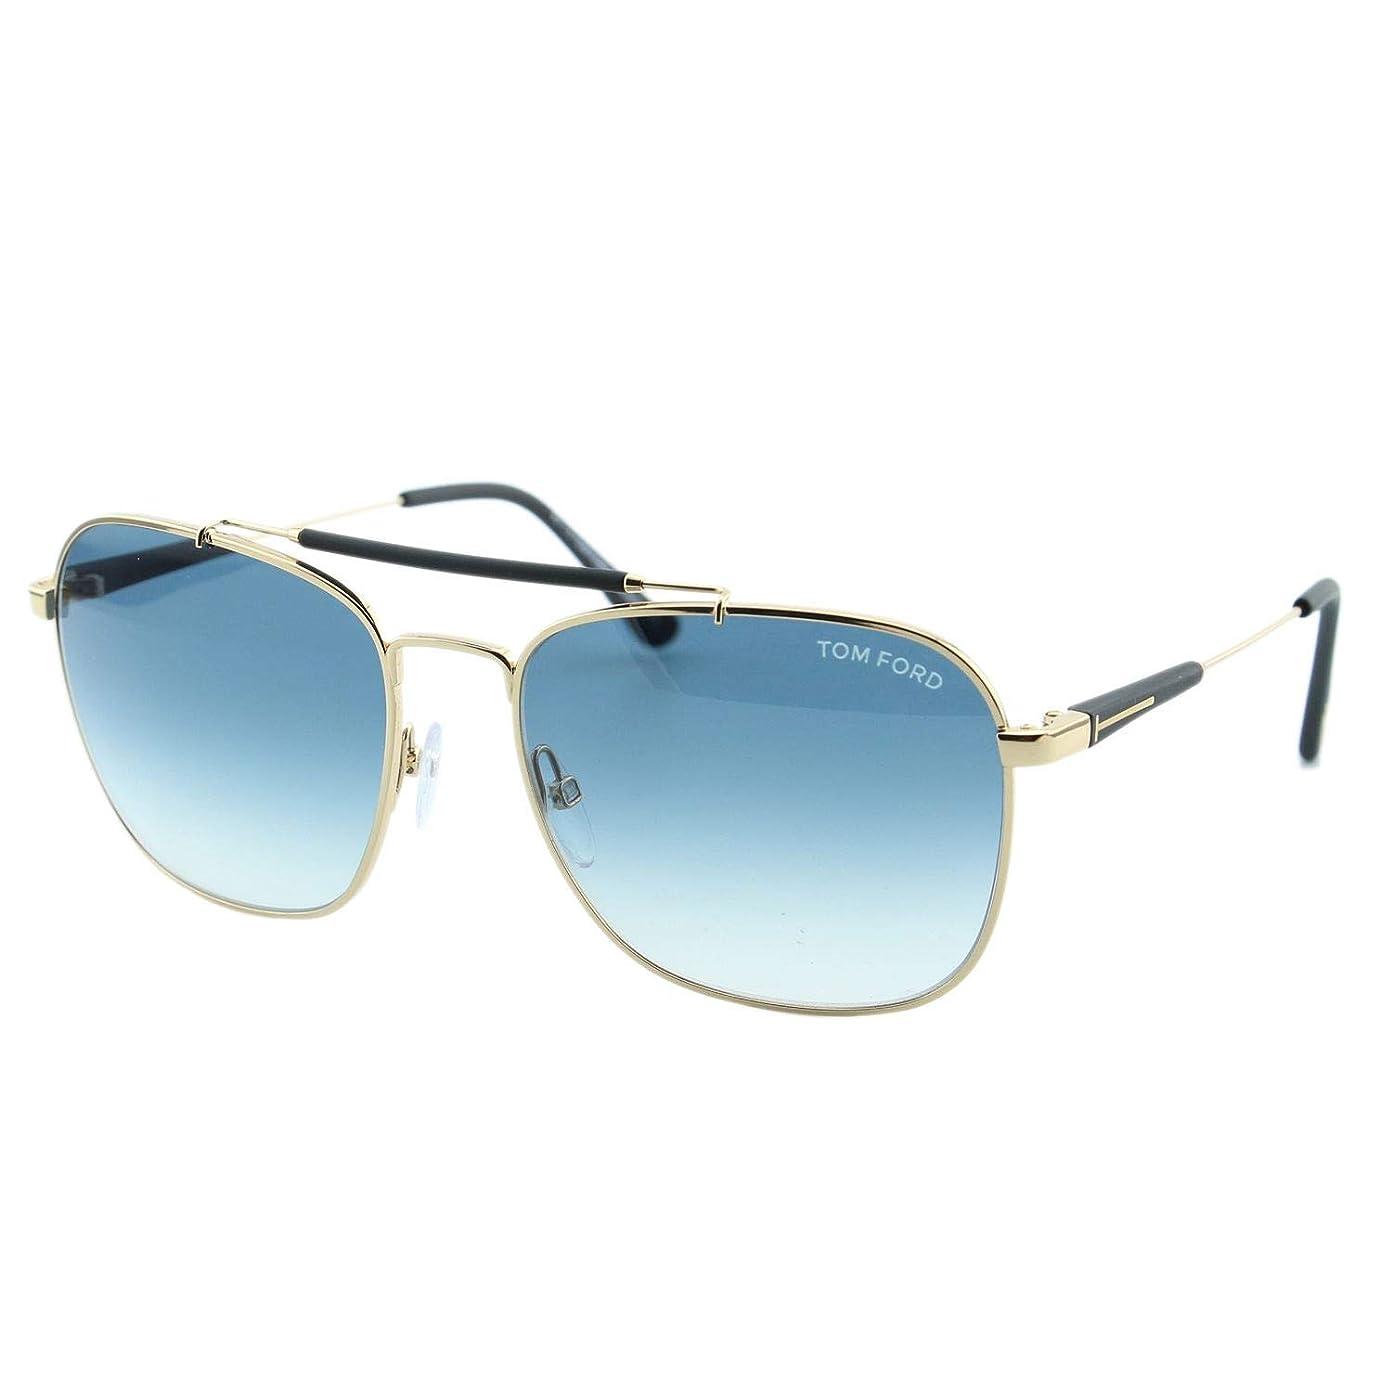 治安判事ピカリング廊下FT0377 28W Shiny Rose Gold, Matte Black / Gradient Turquoise Lenses